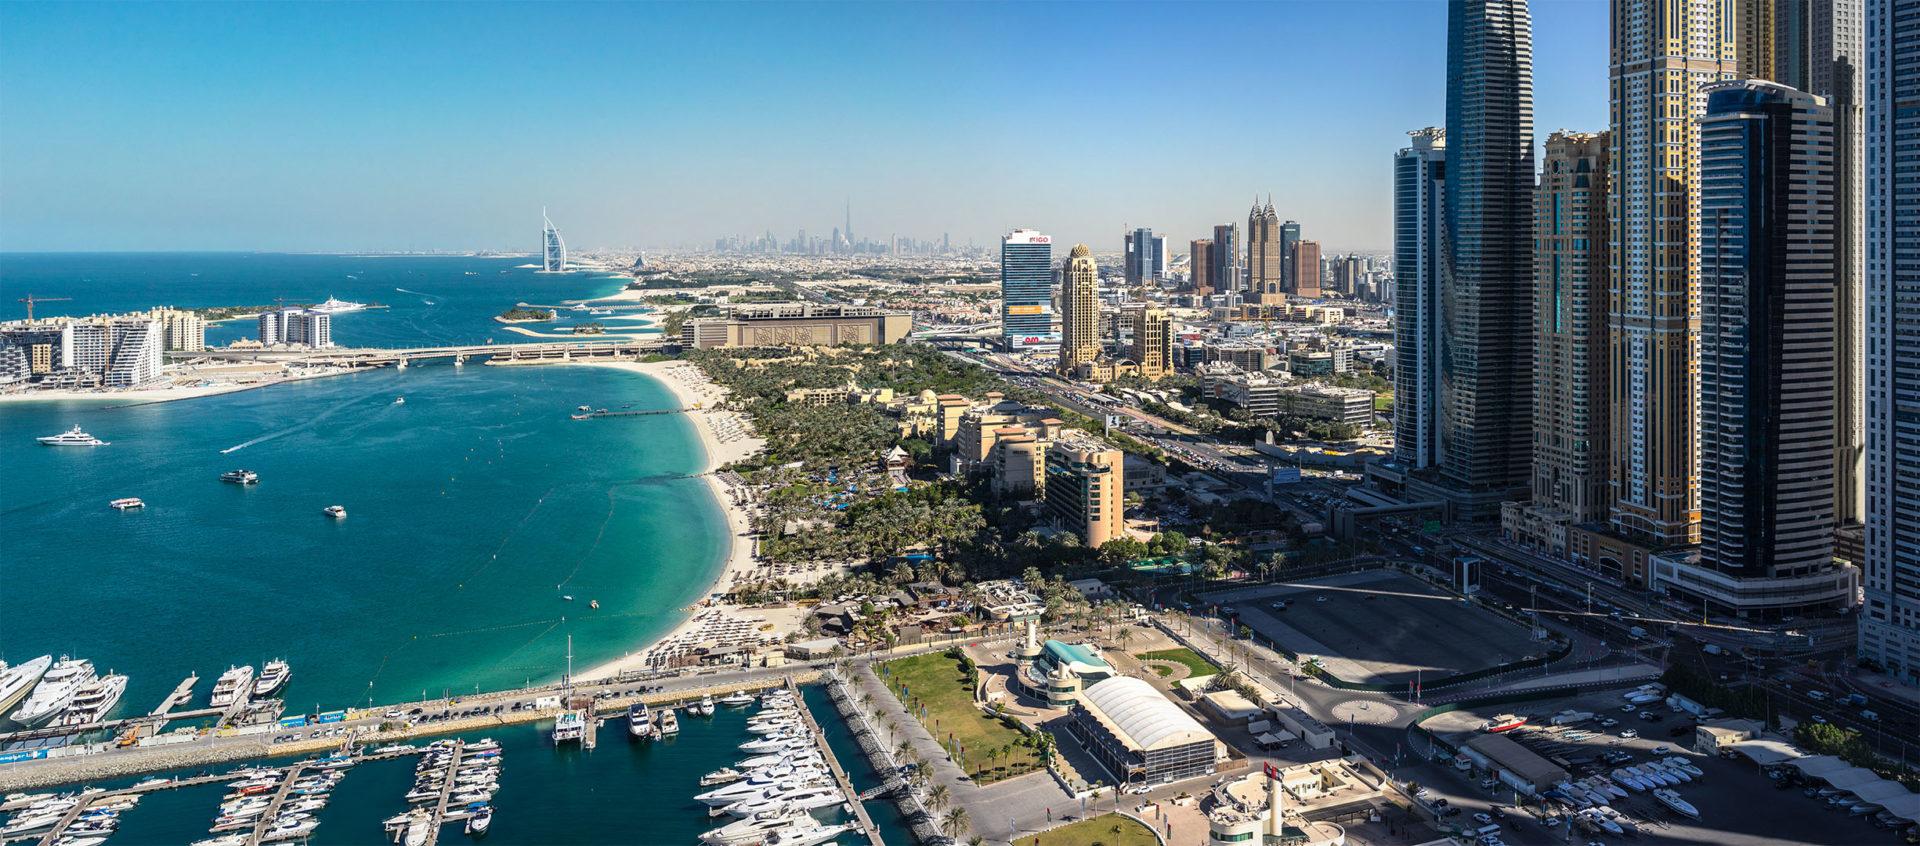 CNN building, Building no. 2, Sheikh Zayed Rd,Dubai Media City - Dubai - Zjednoczone Emiraty Arabskie